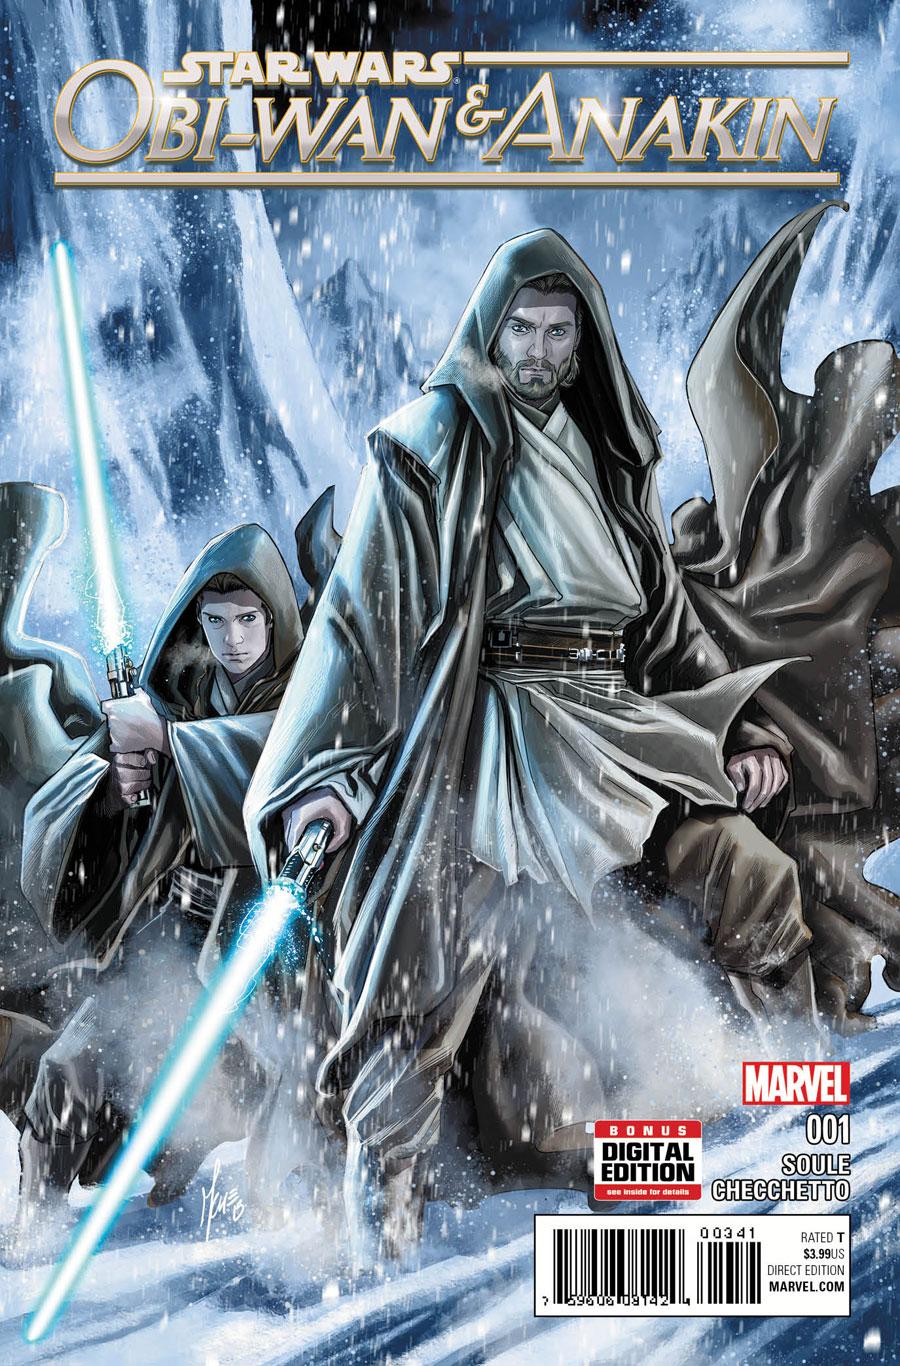 Star Wars Obi-Wan & Anakin #1